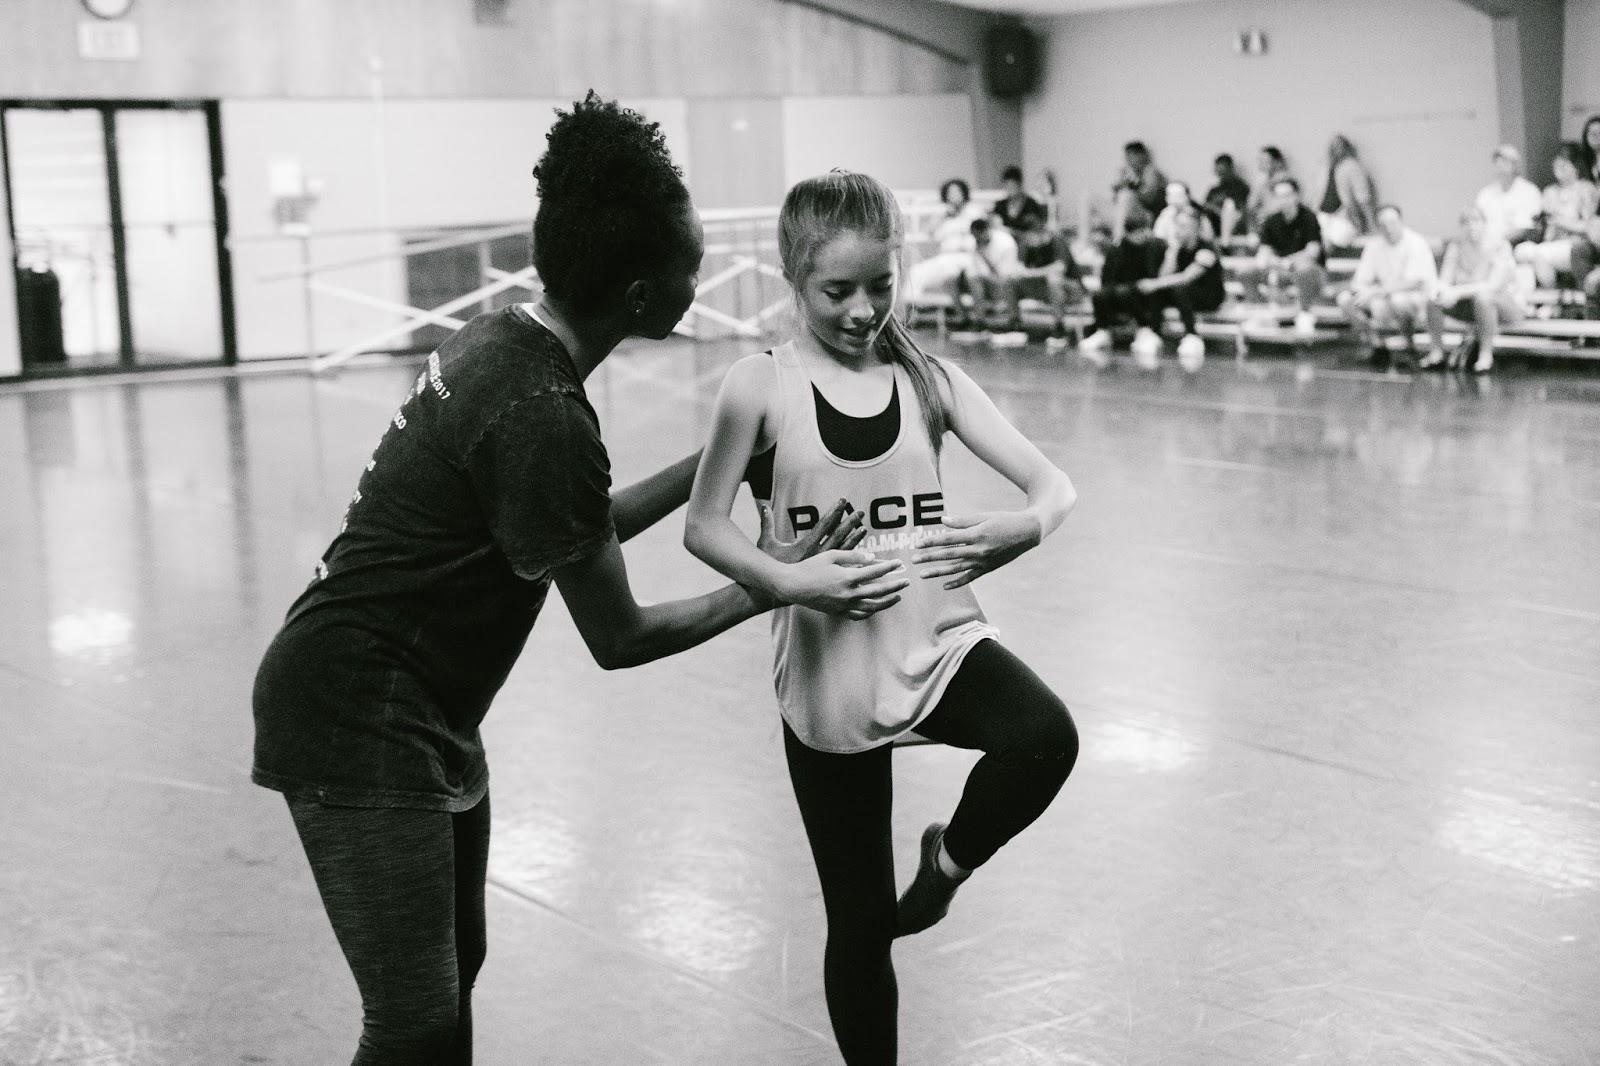 race dance